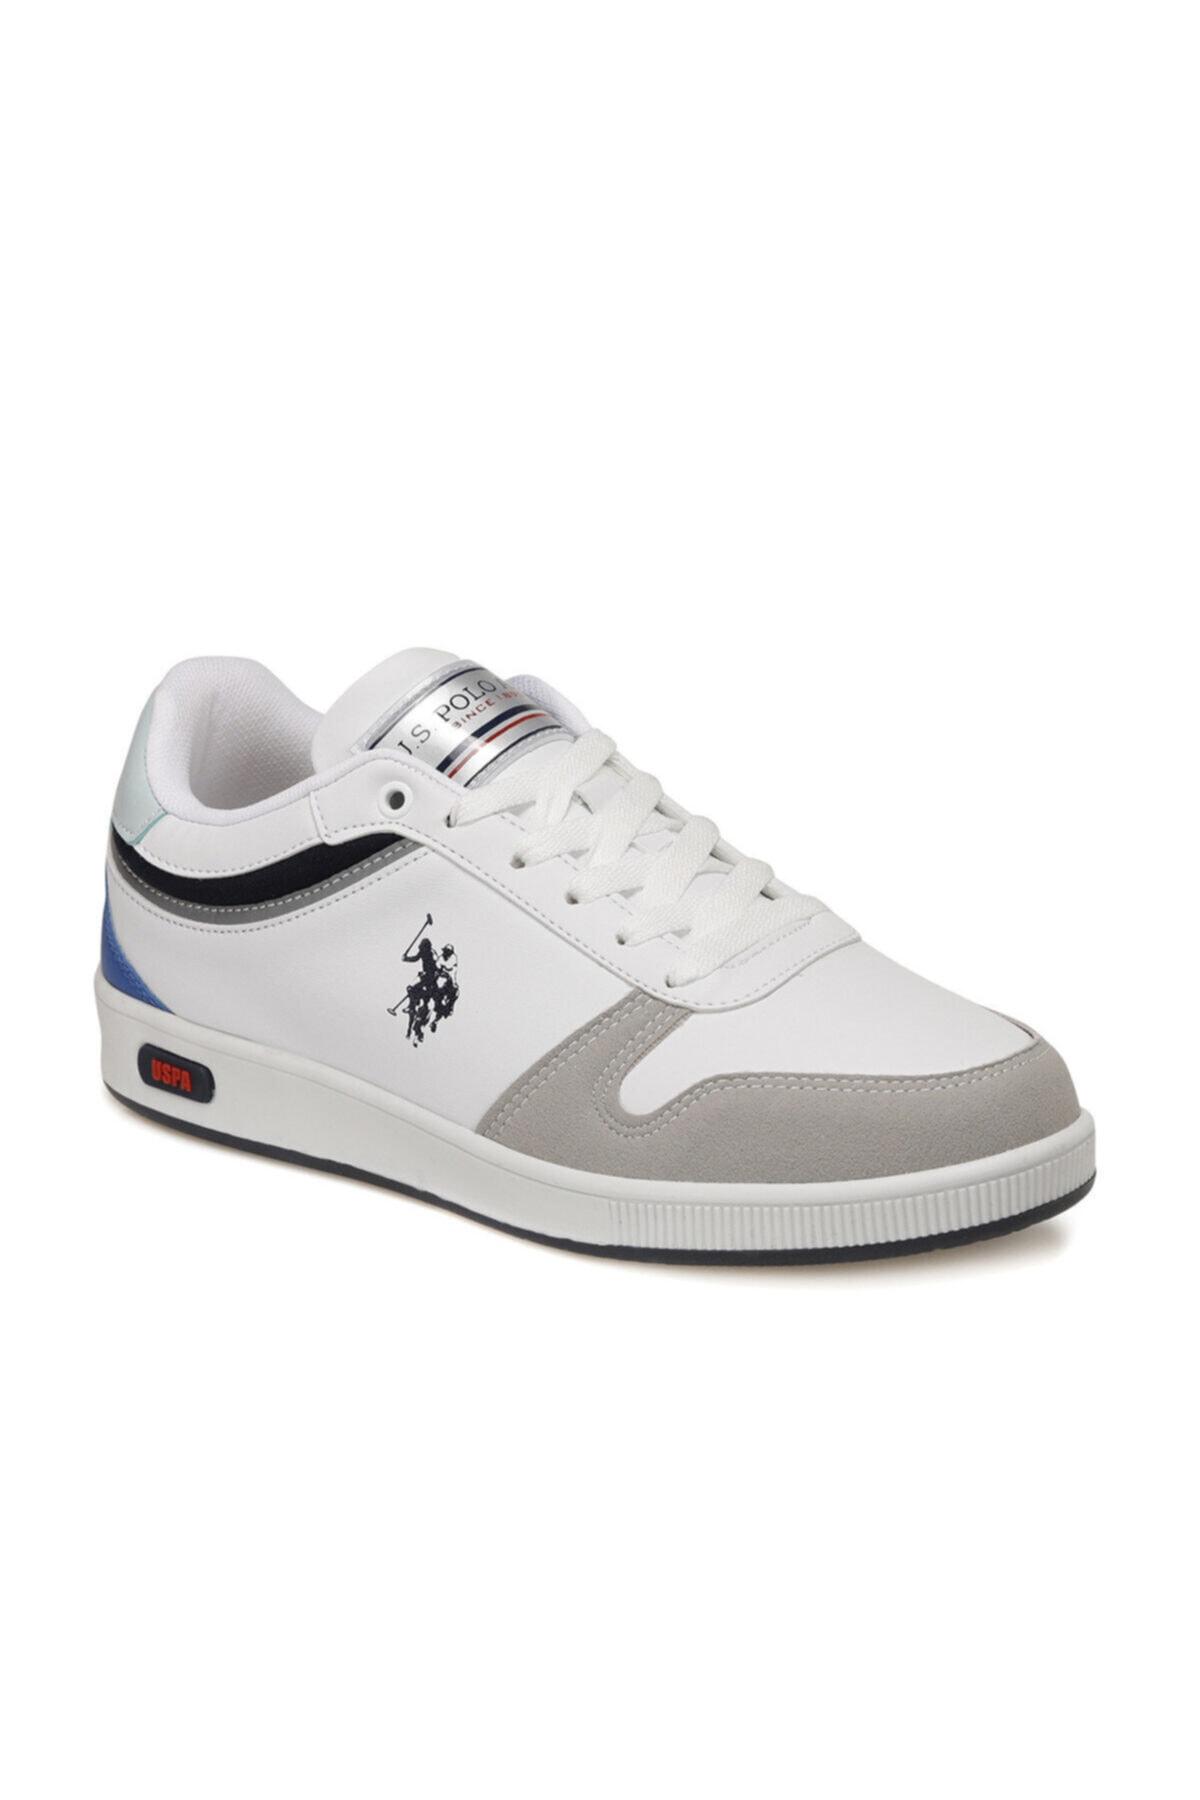 U.S. Polo Assn. Mango Beyaz Kadın Sneaker Ayakkabı 1